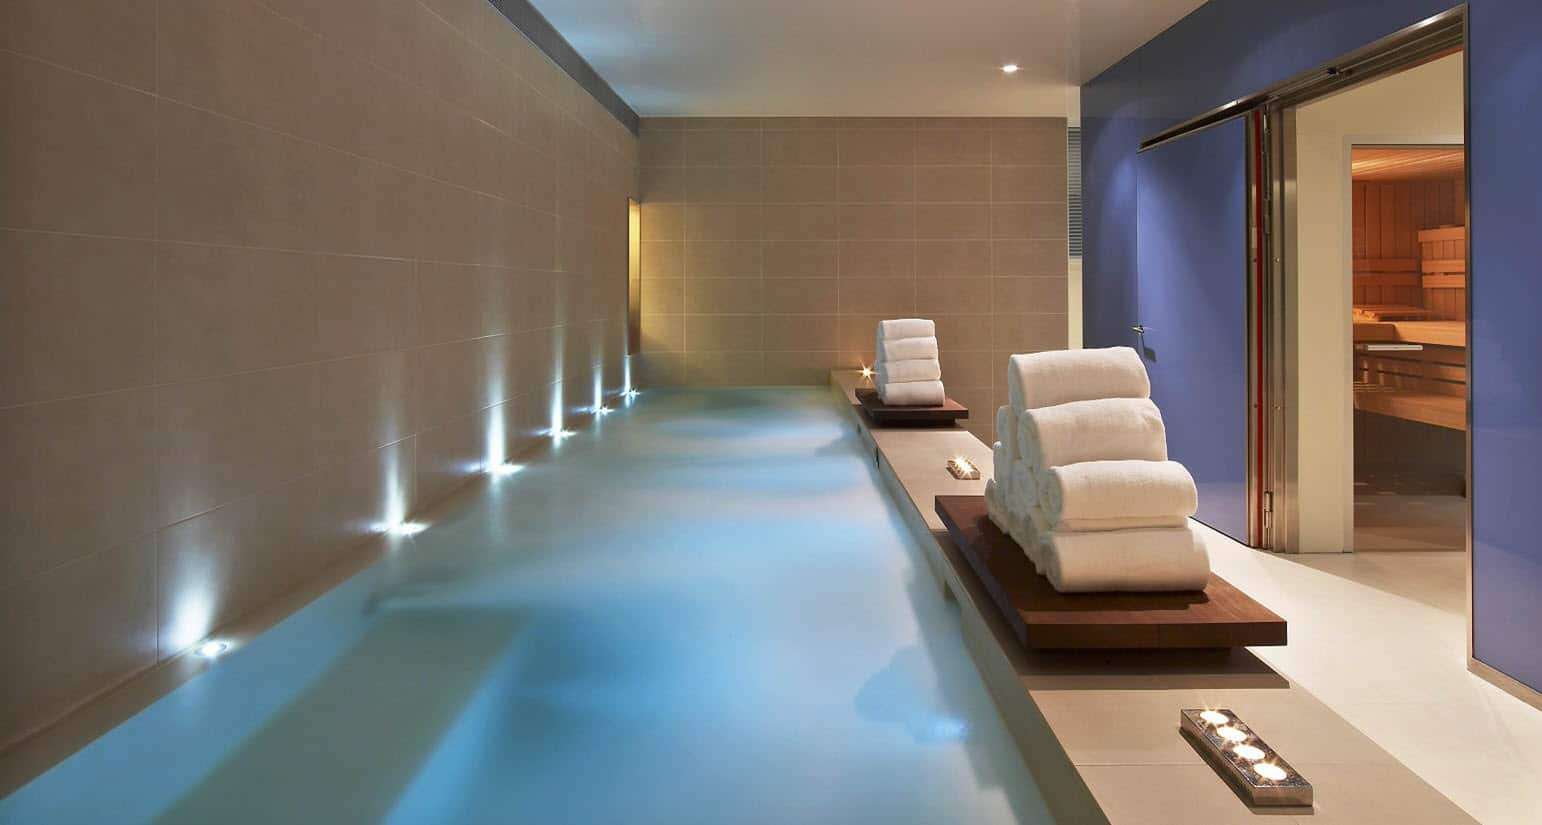 Rel jate 10 hoteles con spa spas y balearios top de espa a for Spa hotel w barcelona